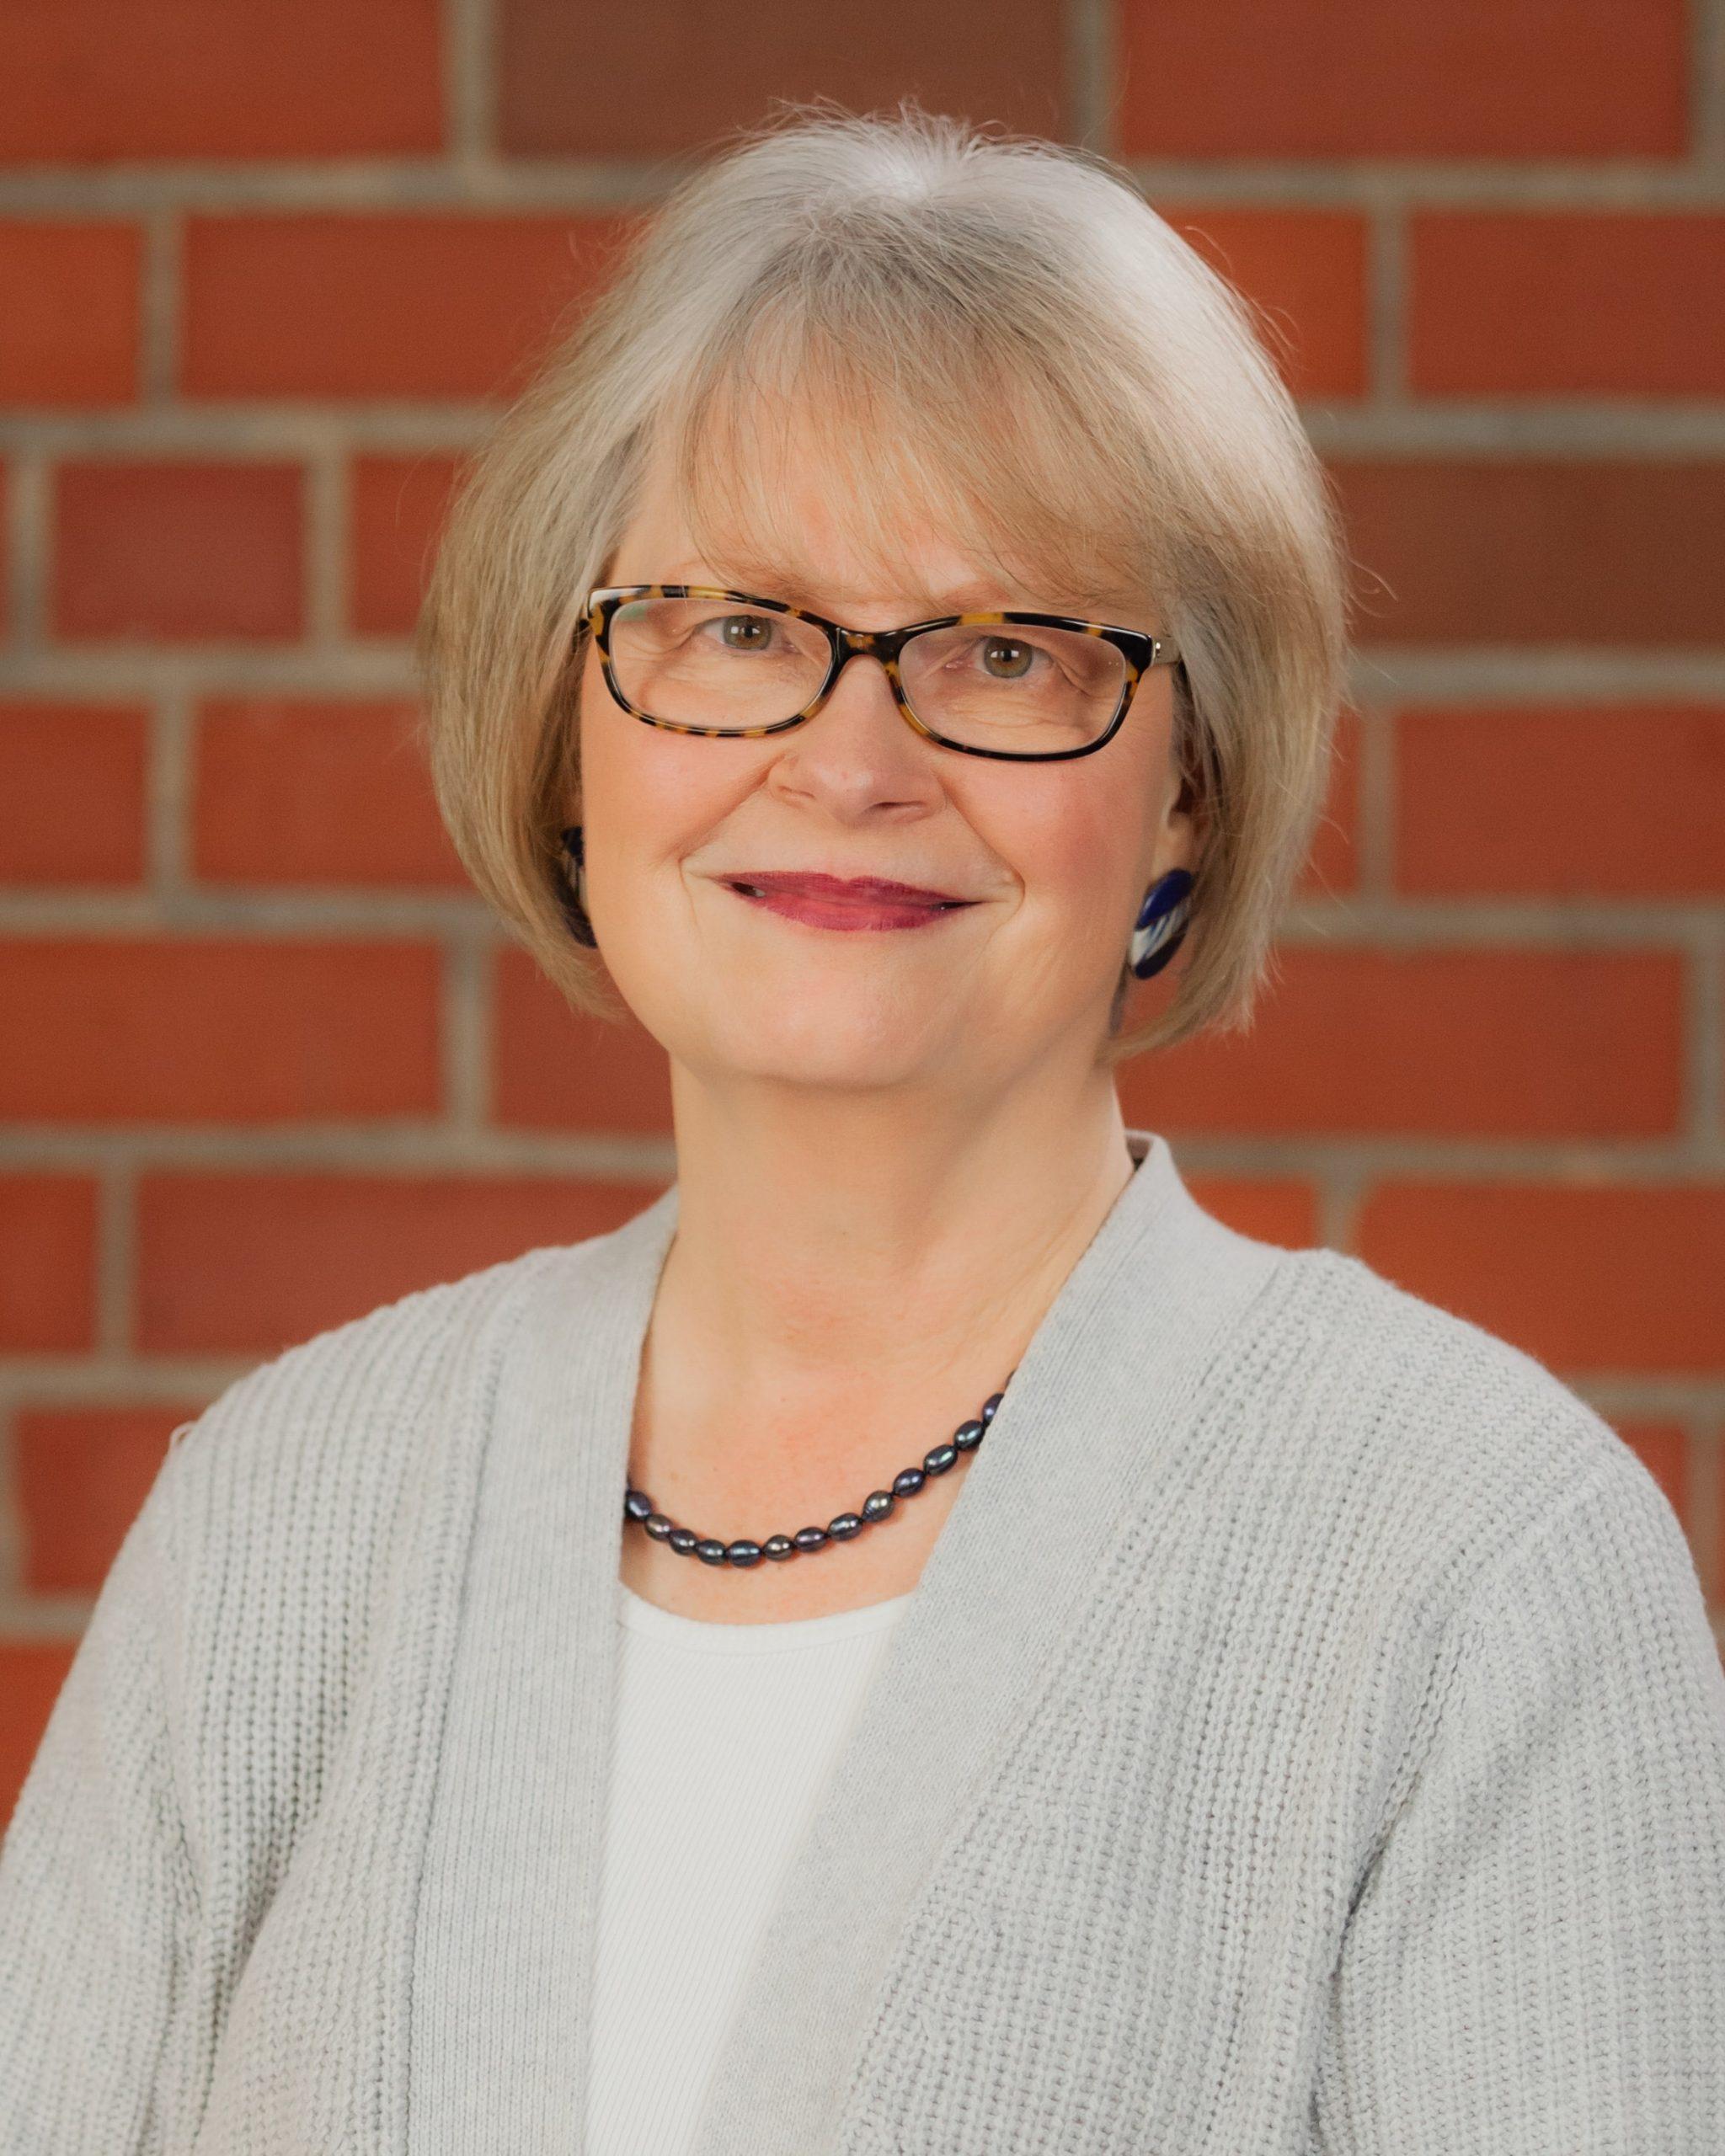 Image of Sheryl Thompson